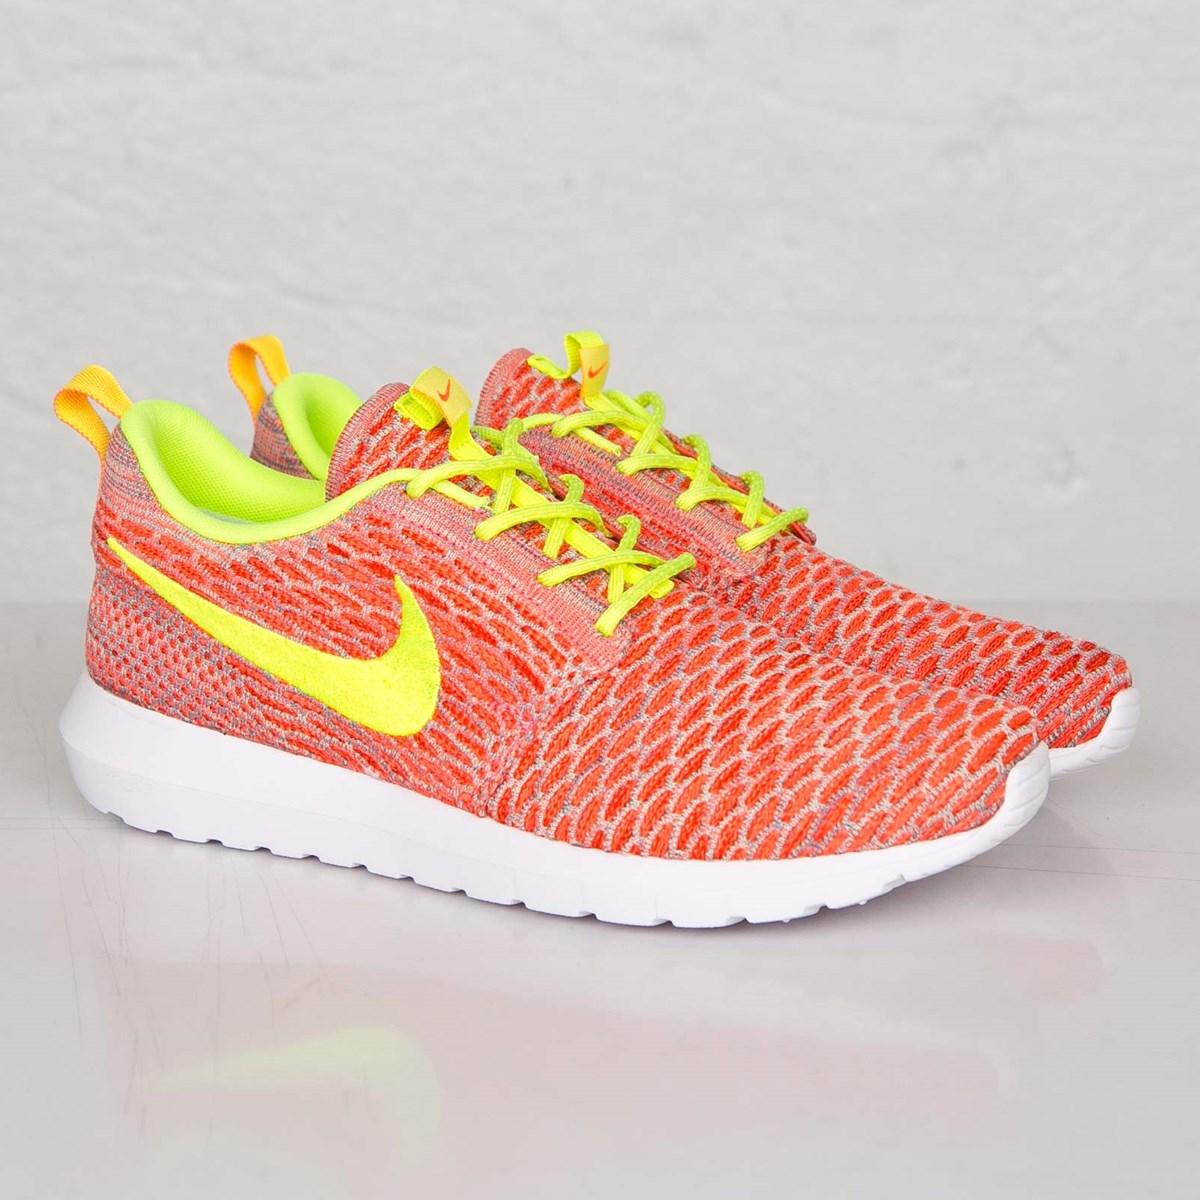 best sneakers 44f3c 00330 Nike Roshe NM Flyknit - 677243-800 - Sneakersnstuff   sneakers   streetwear  online since 1999